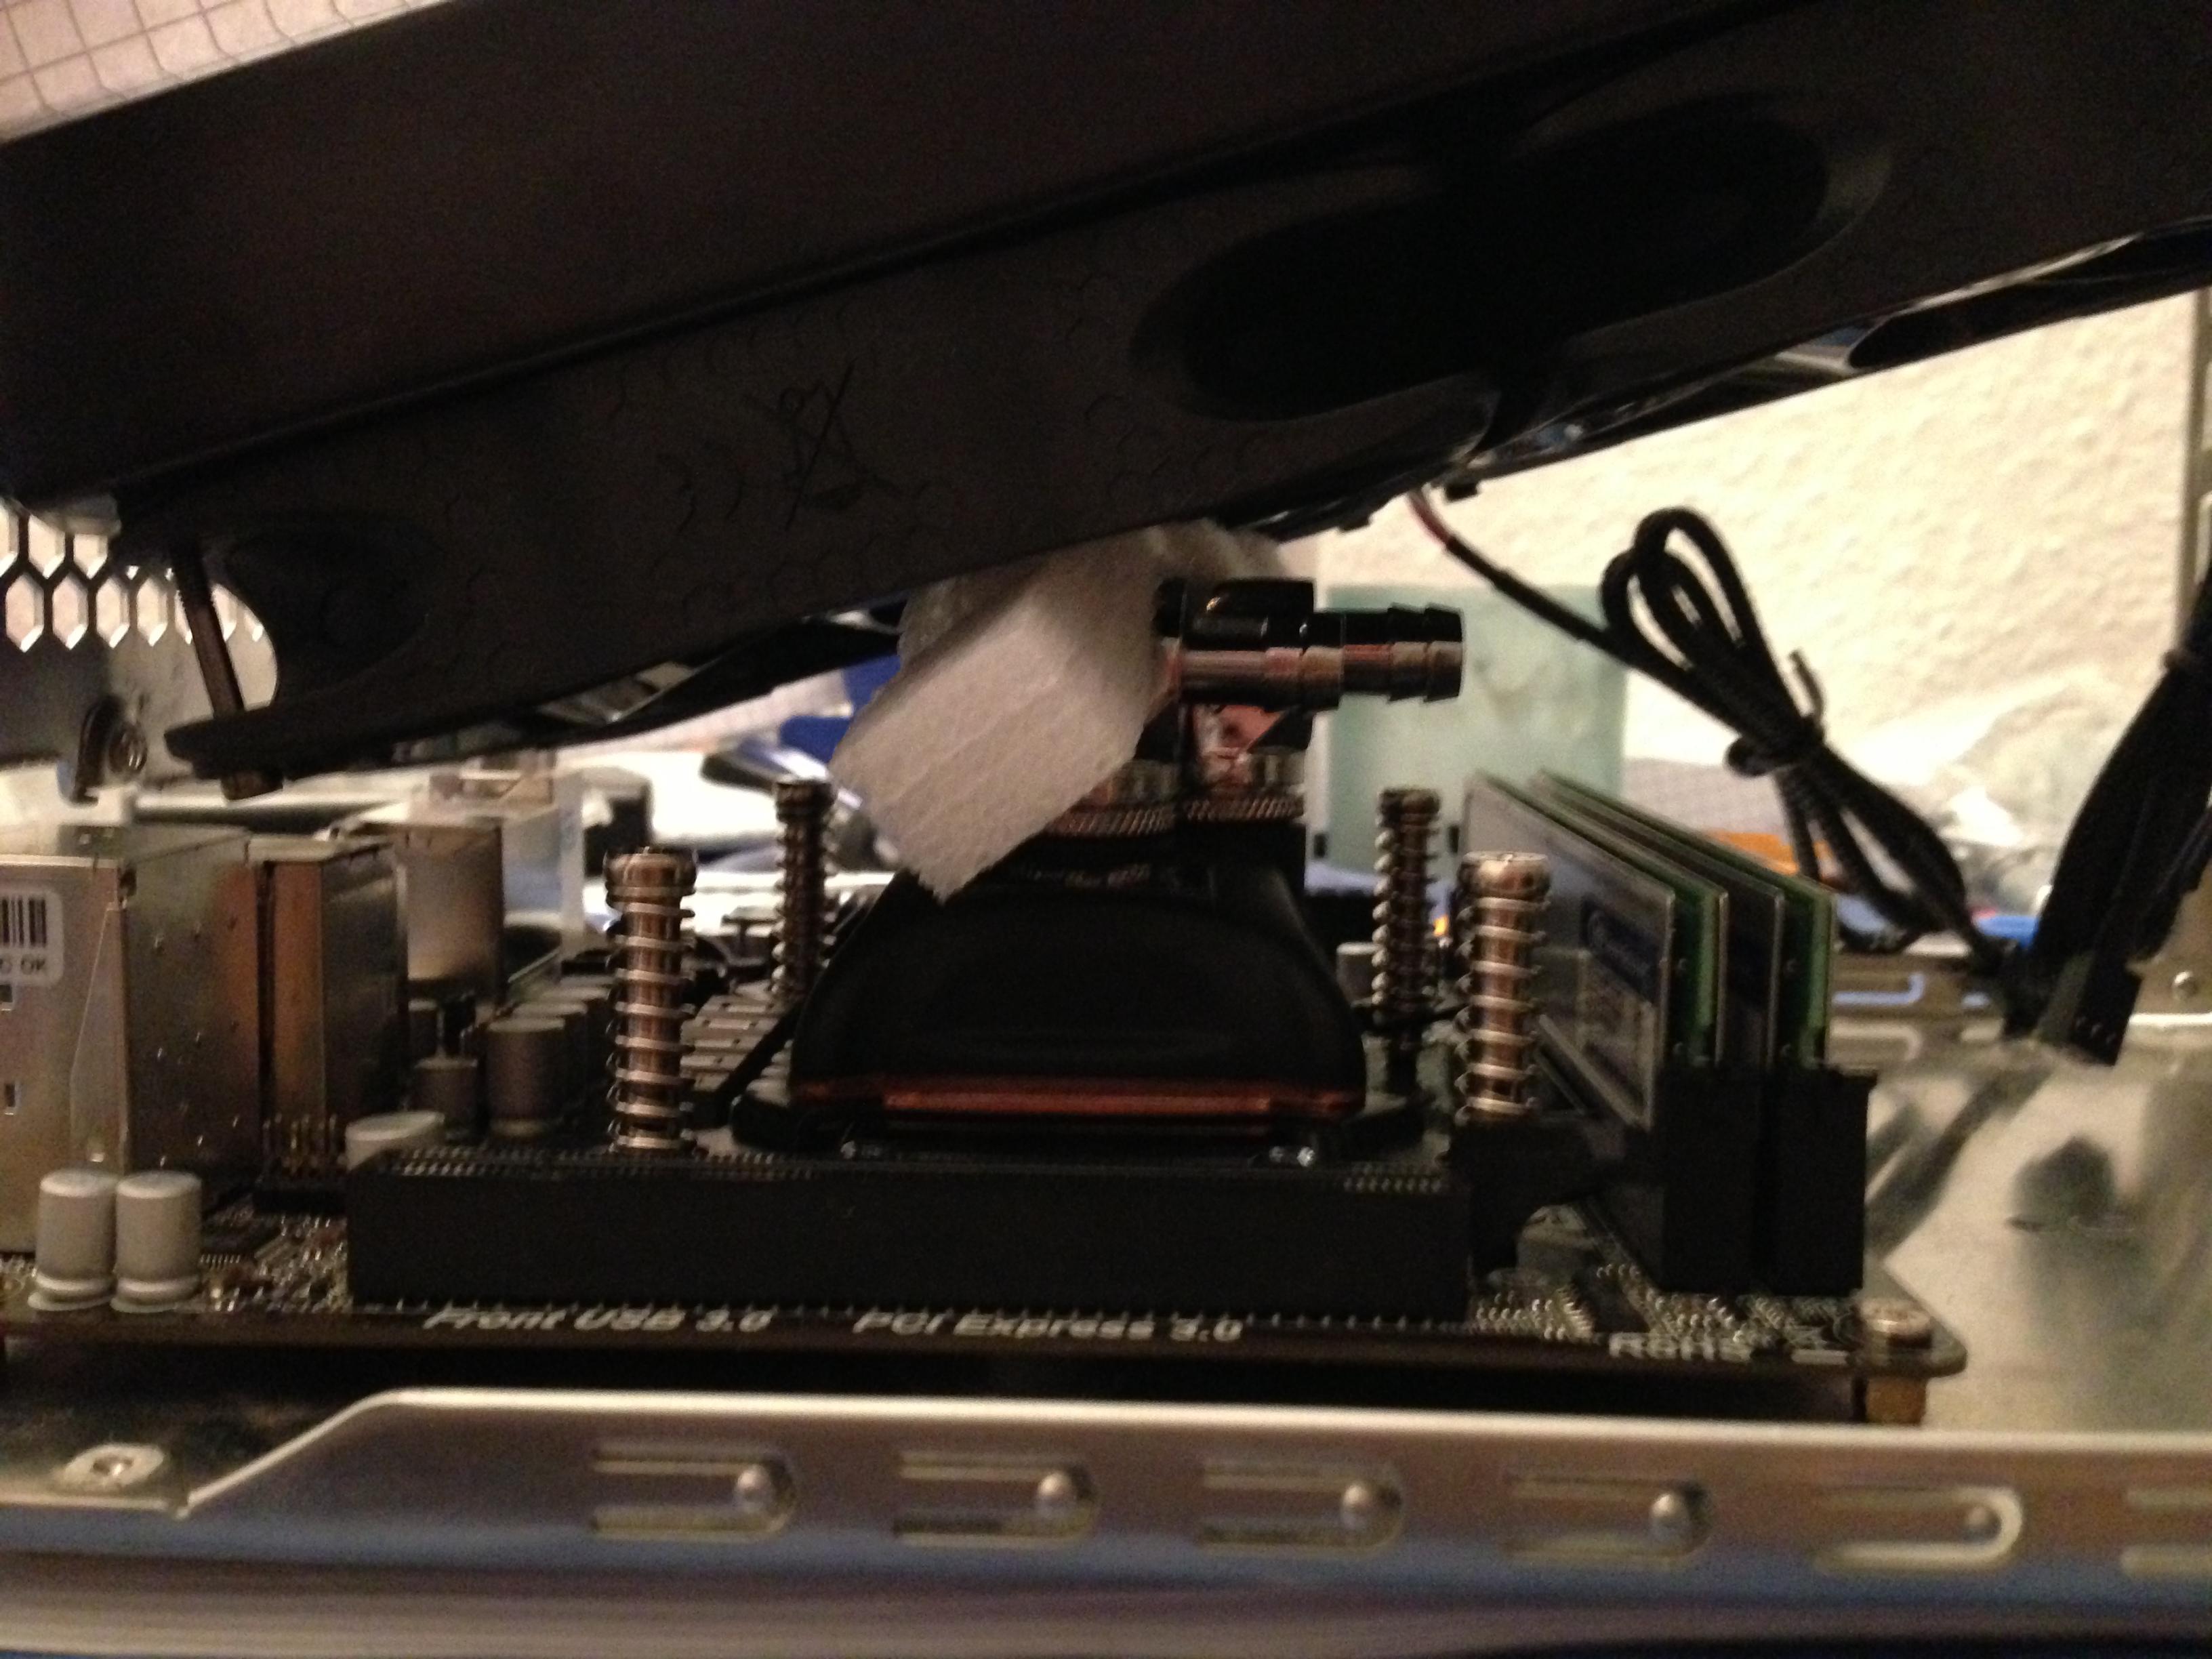 Nett 200 Ampere Drahtgrößendiagramm 240 Fotos - Schaltplan Serie ...